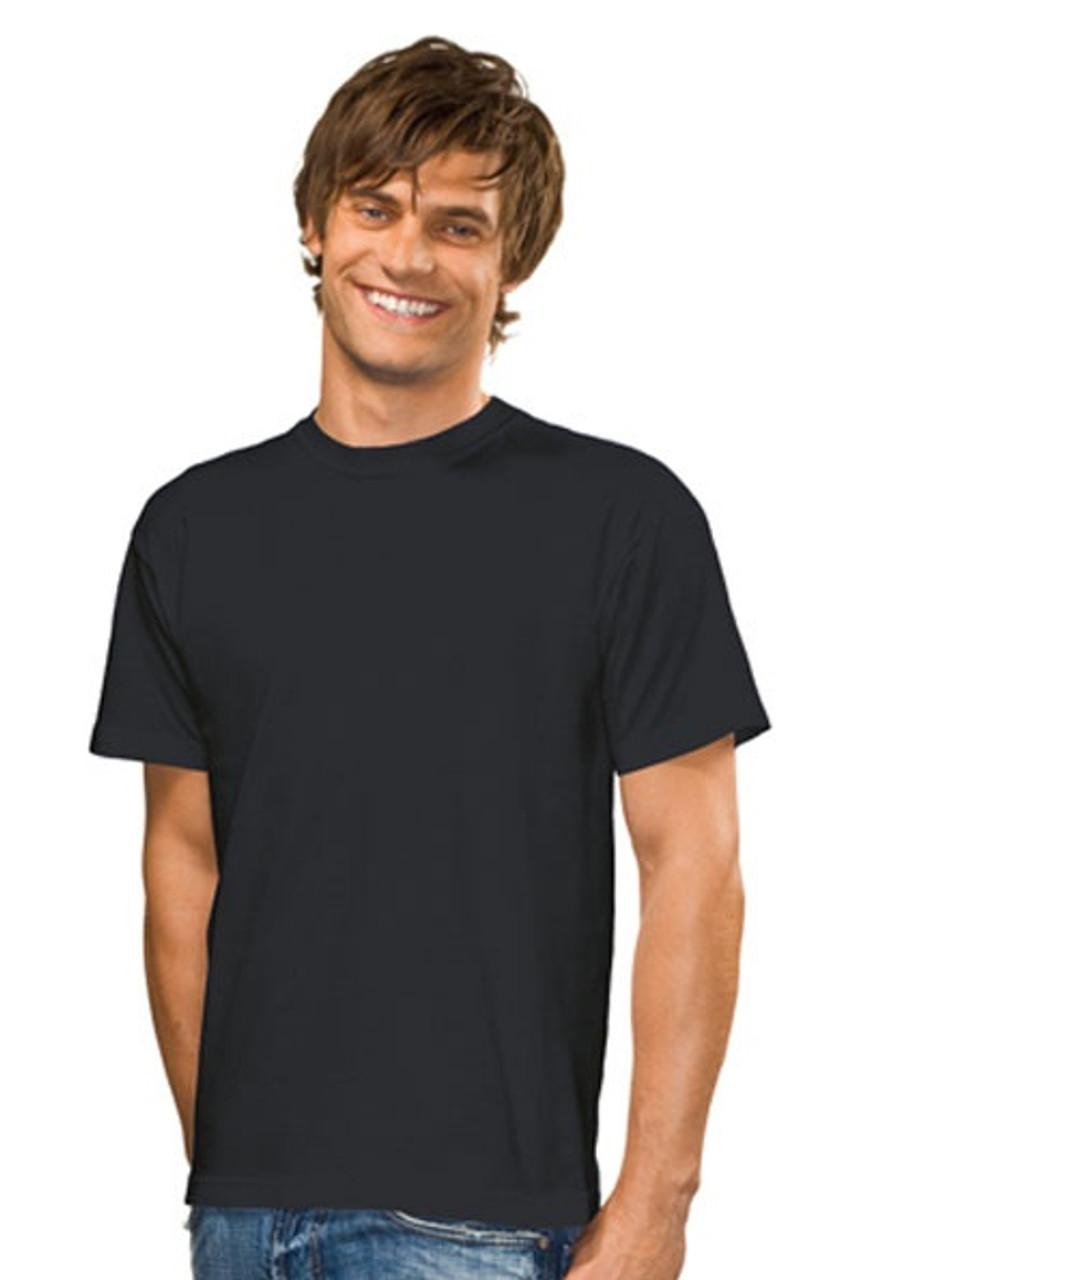 Hanes Stedman Body fit Plain BLACK Slim Fit Tee T-Shirt Tshirt No Logo